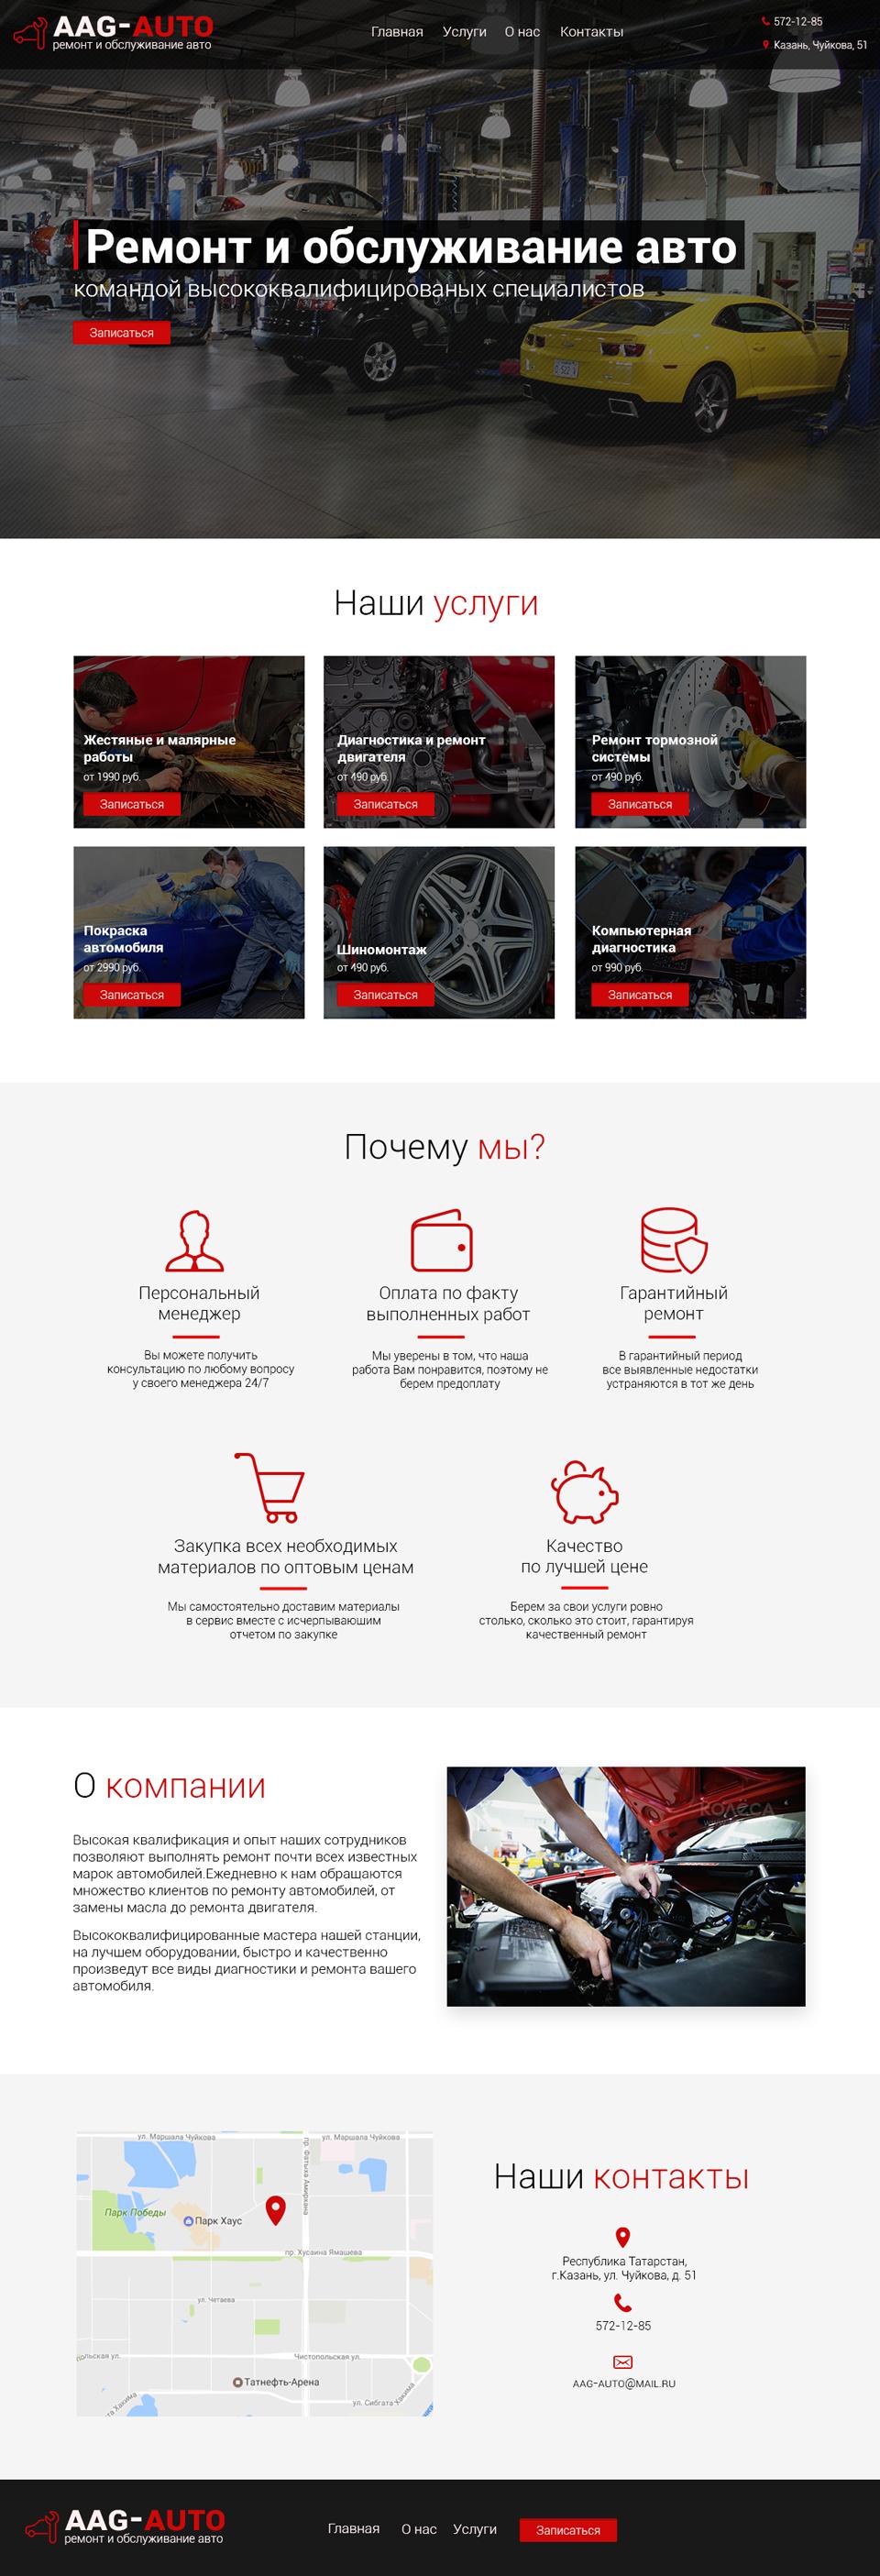 Дизайн сайта автосервиса фото f_016590b34e409455.png